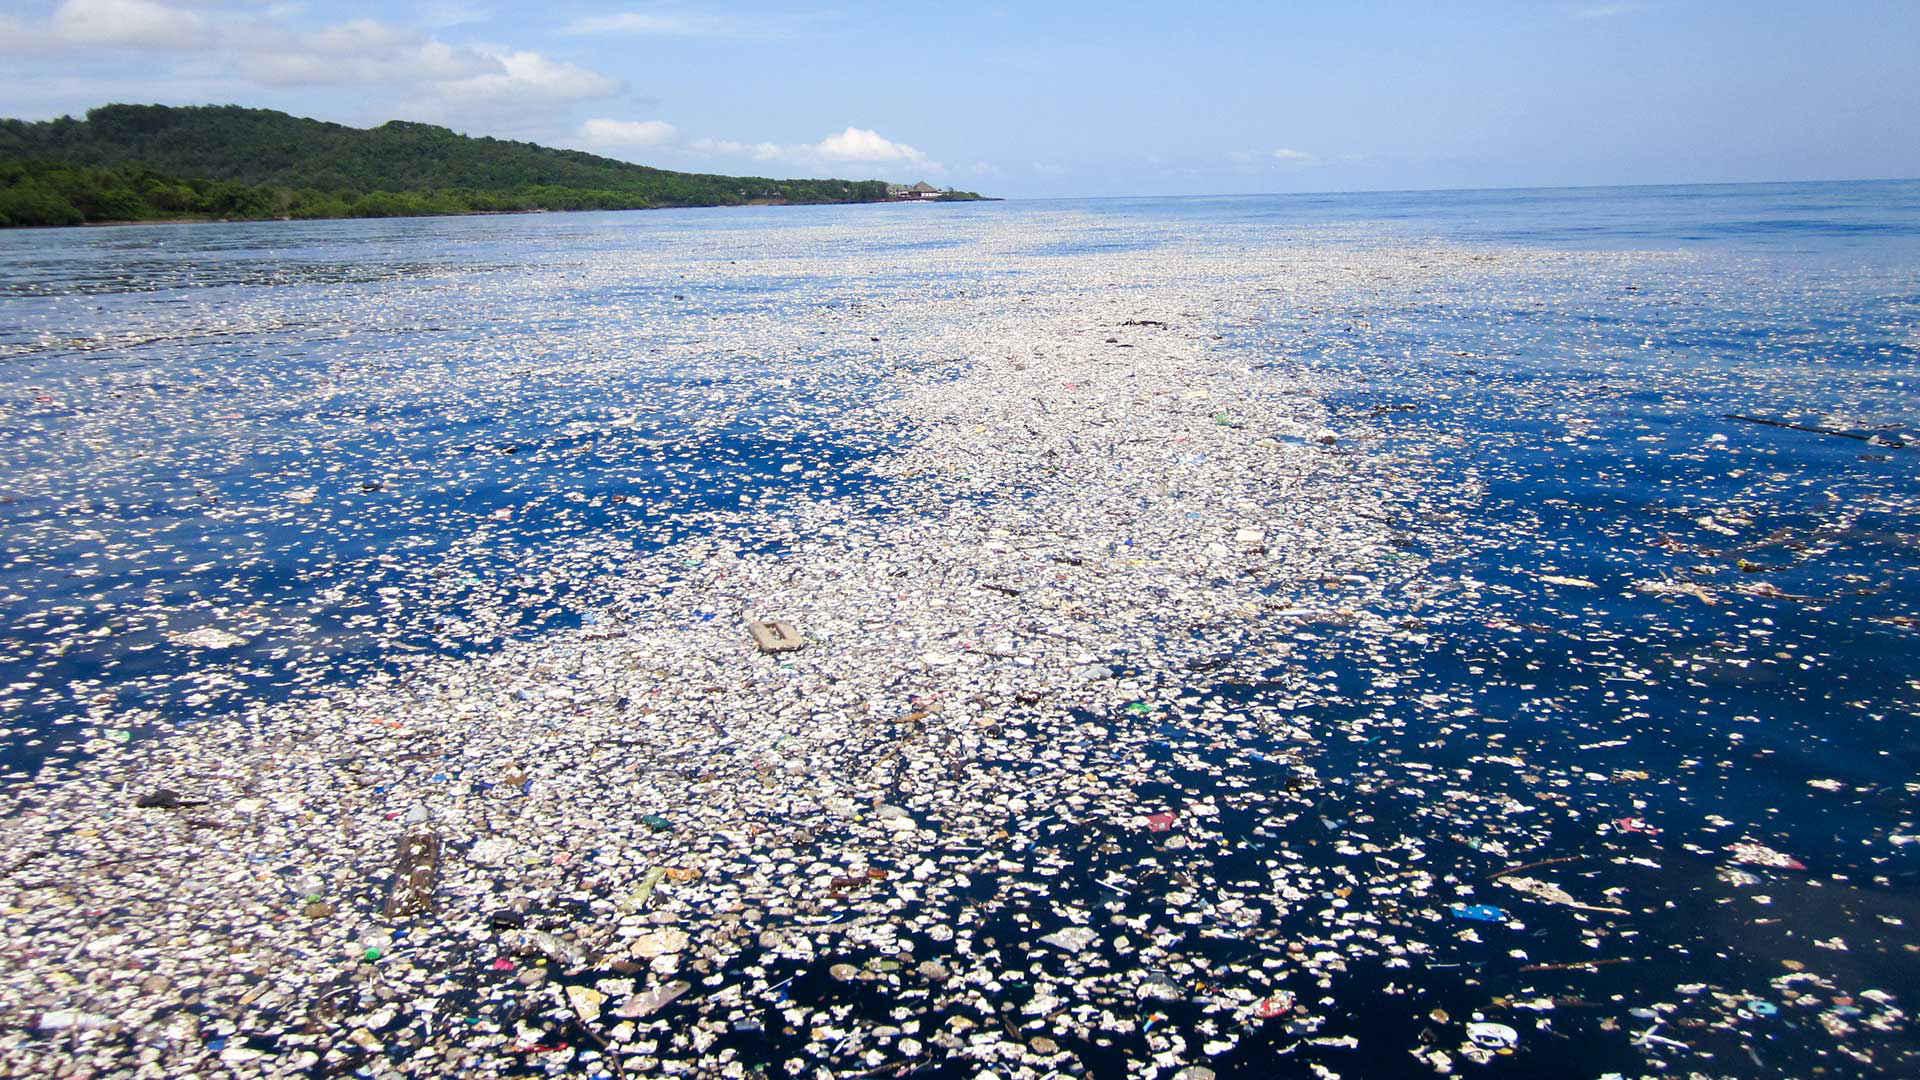 Plastik Müllteppich